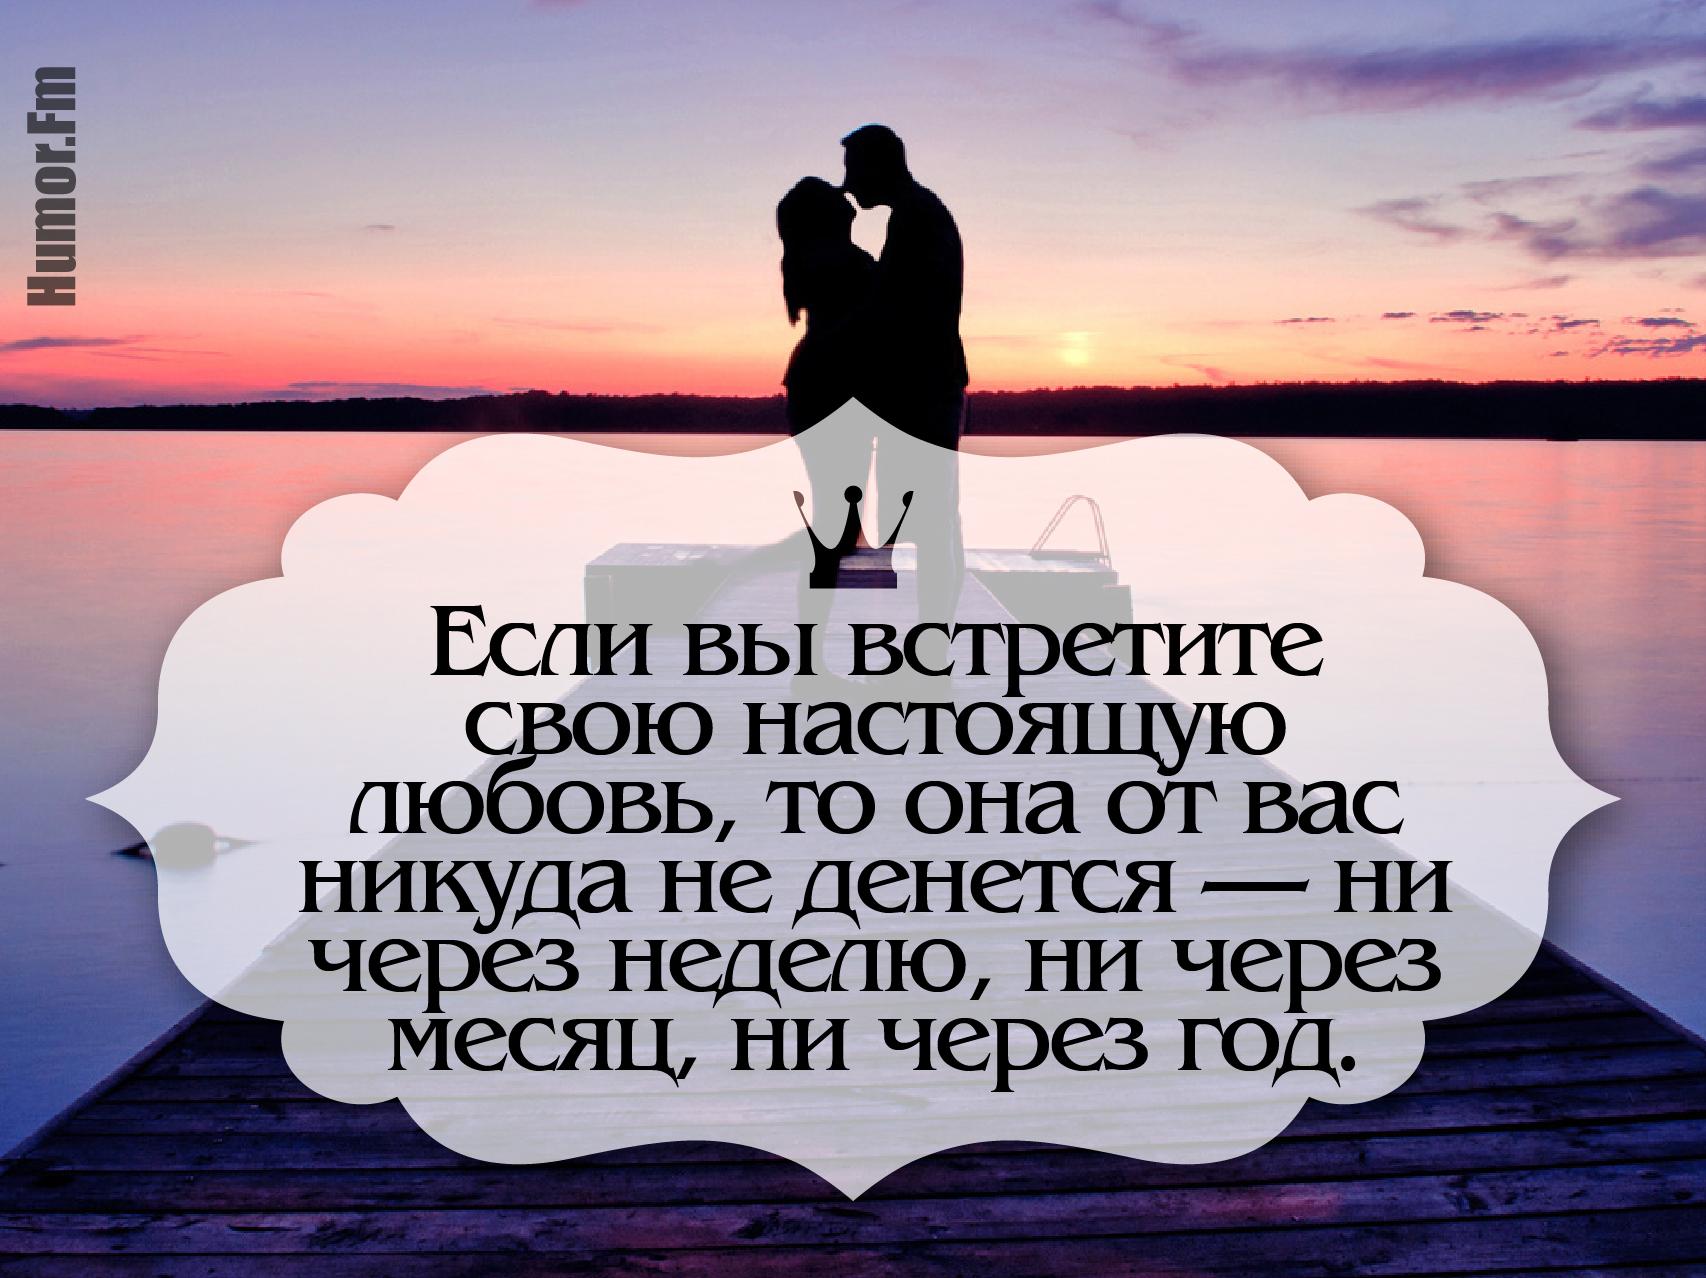 Красивые высказывания о любви в картинках